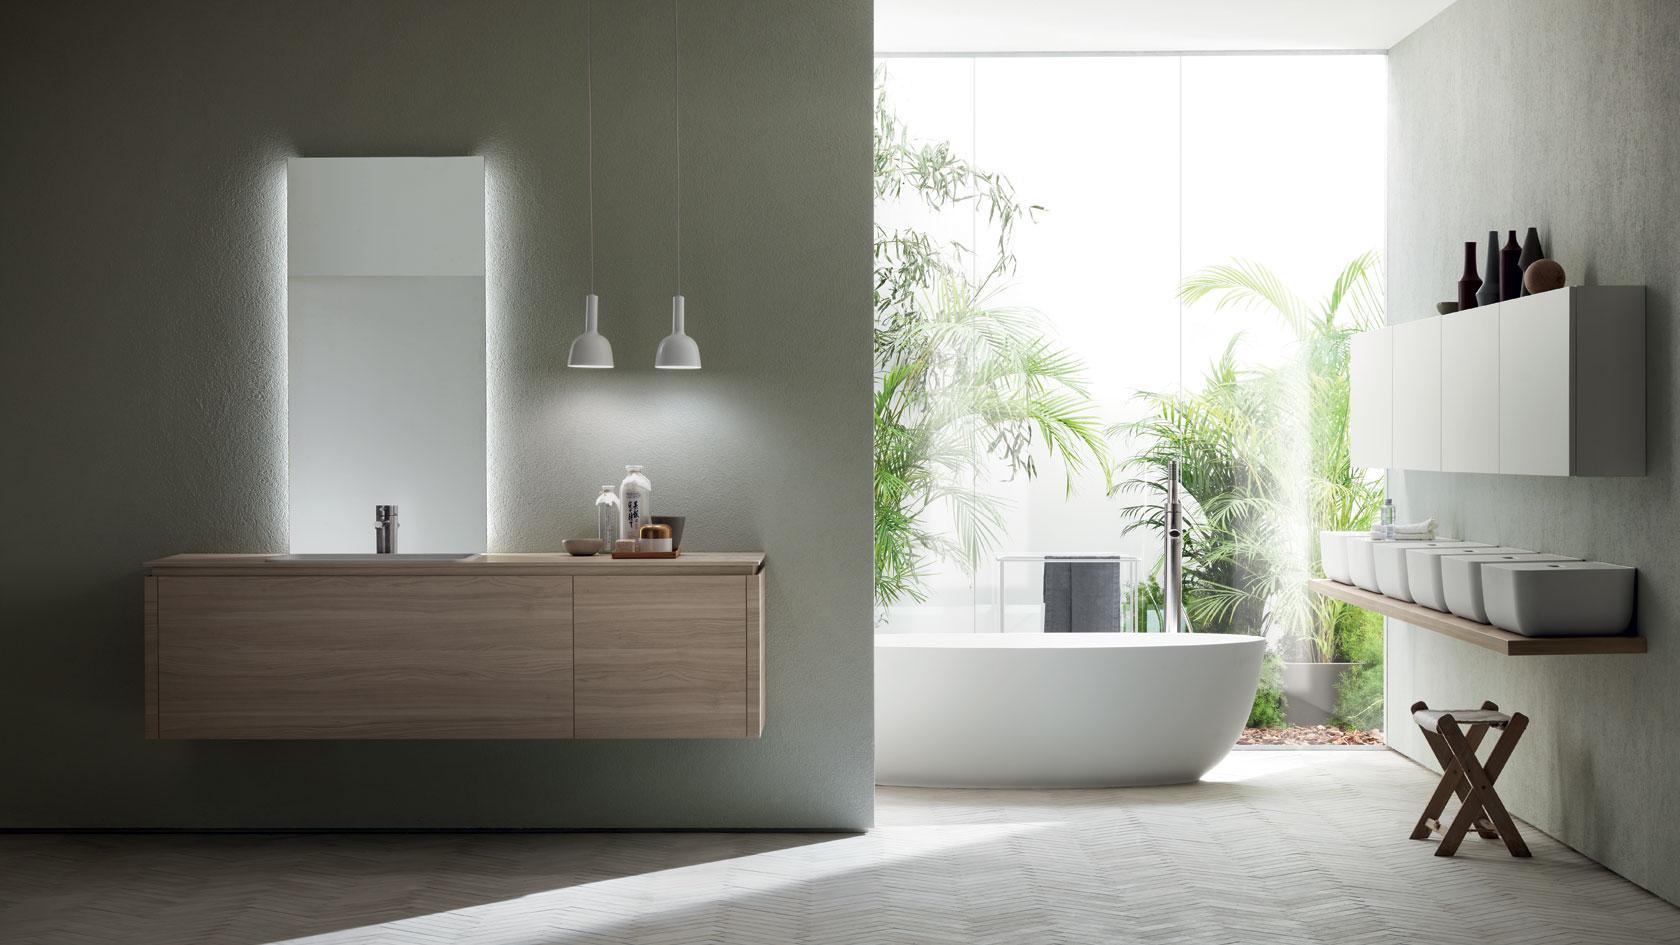 Arredo bagno e sanitari sassuolo e maranello mauro manfredini mobili e arredamenti per il bagno - Mobili bagno scavolini ...